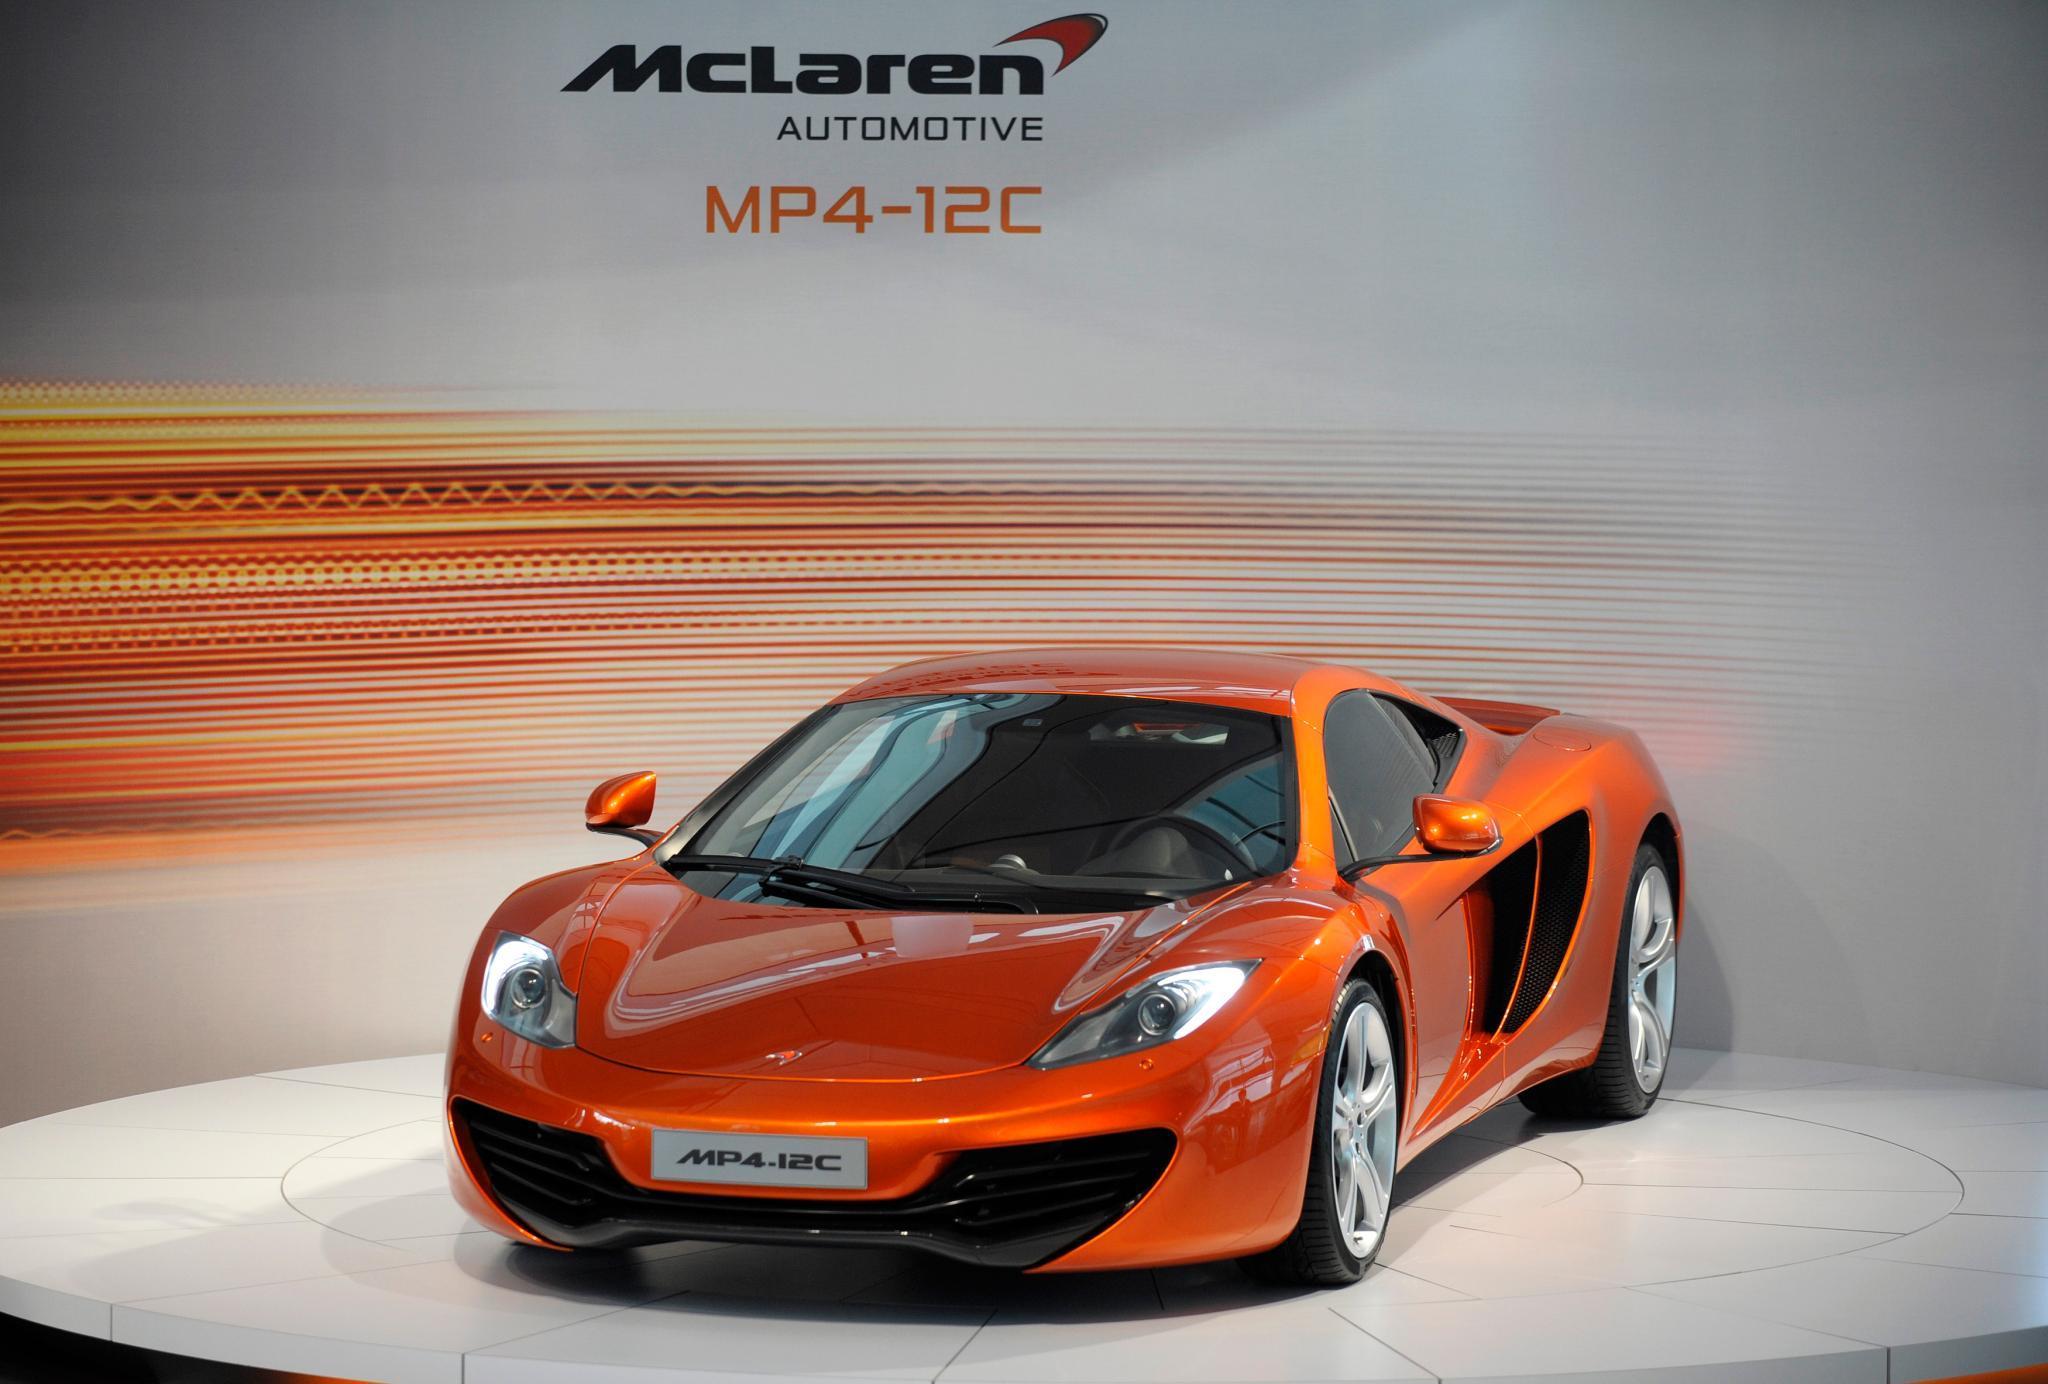 Mehr als 600 PS und über 200.000 Euro teuer: Ein McLaren MP4-12C.